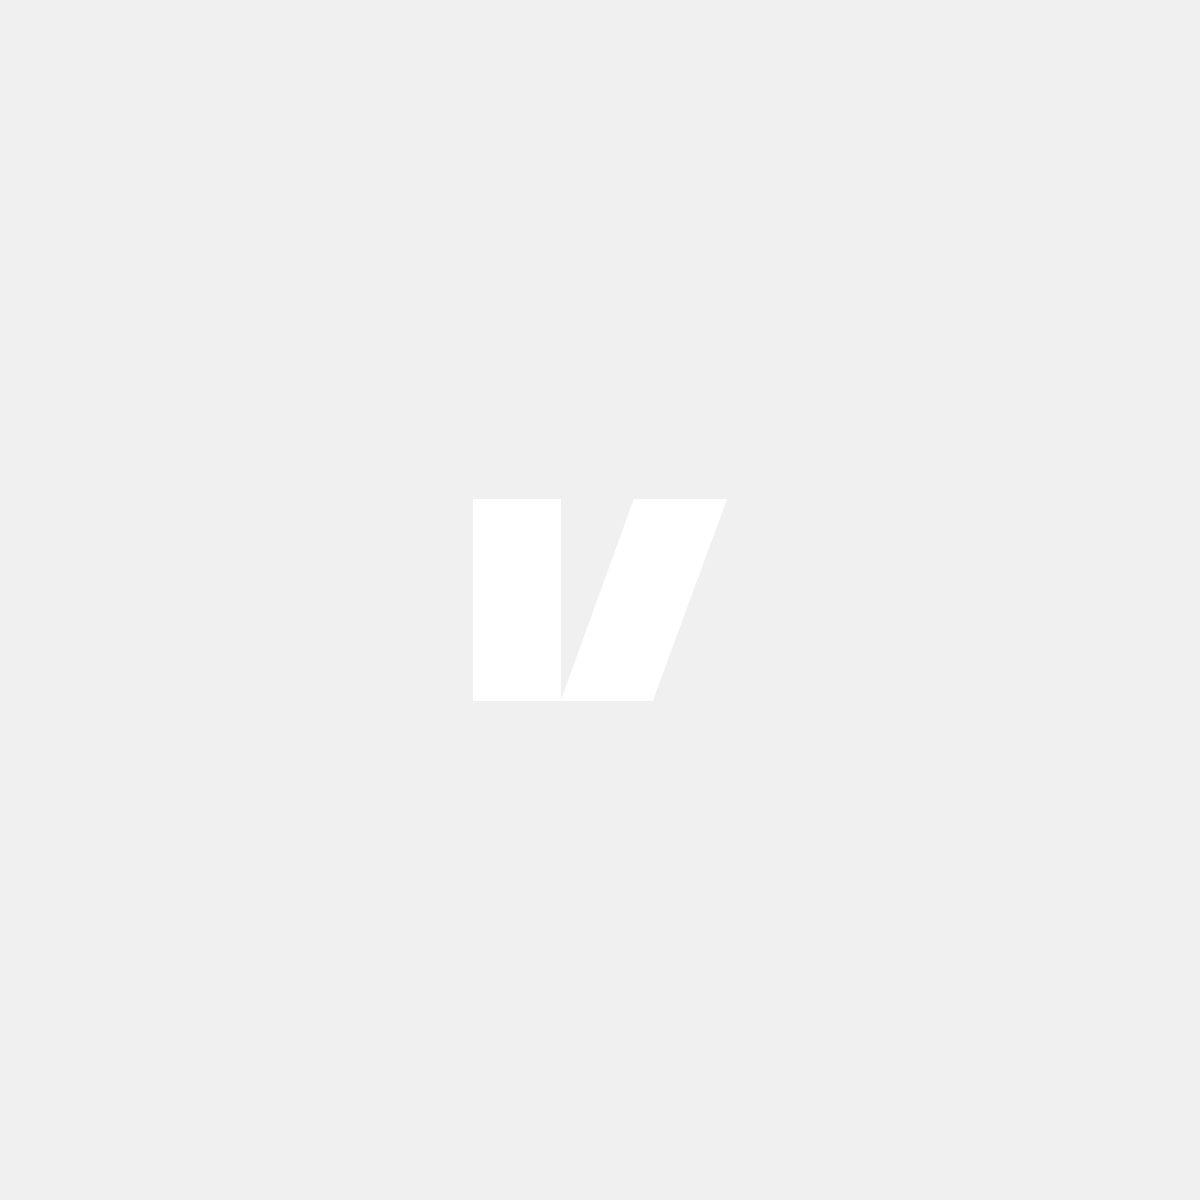 JR Sportluftfilter till Volvo V60, S80, V70, XC60, XC70 6-cyl